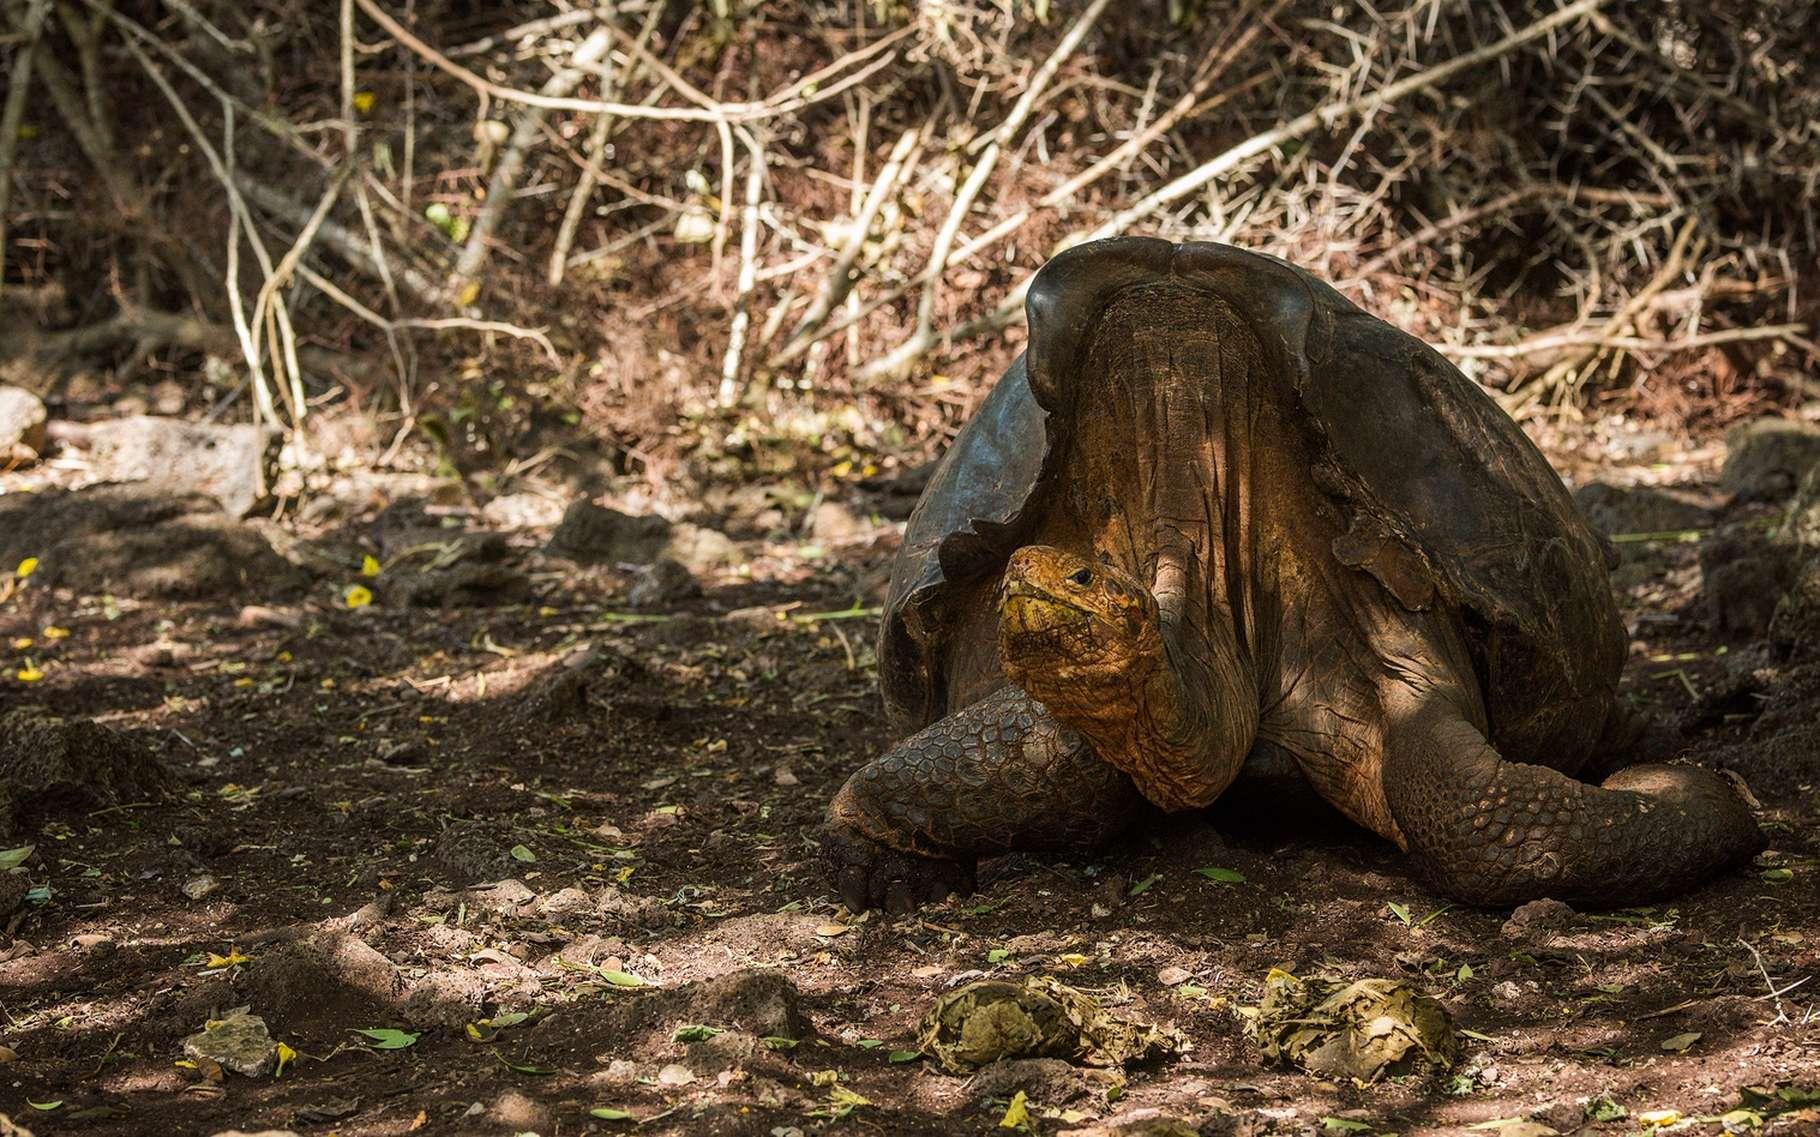 Grâce à Super Diego, une tortue géante des Galápagos, son espèce n'est plus en voie d'extinction. © Nick Dale, Shutterstock